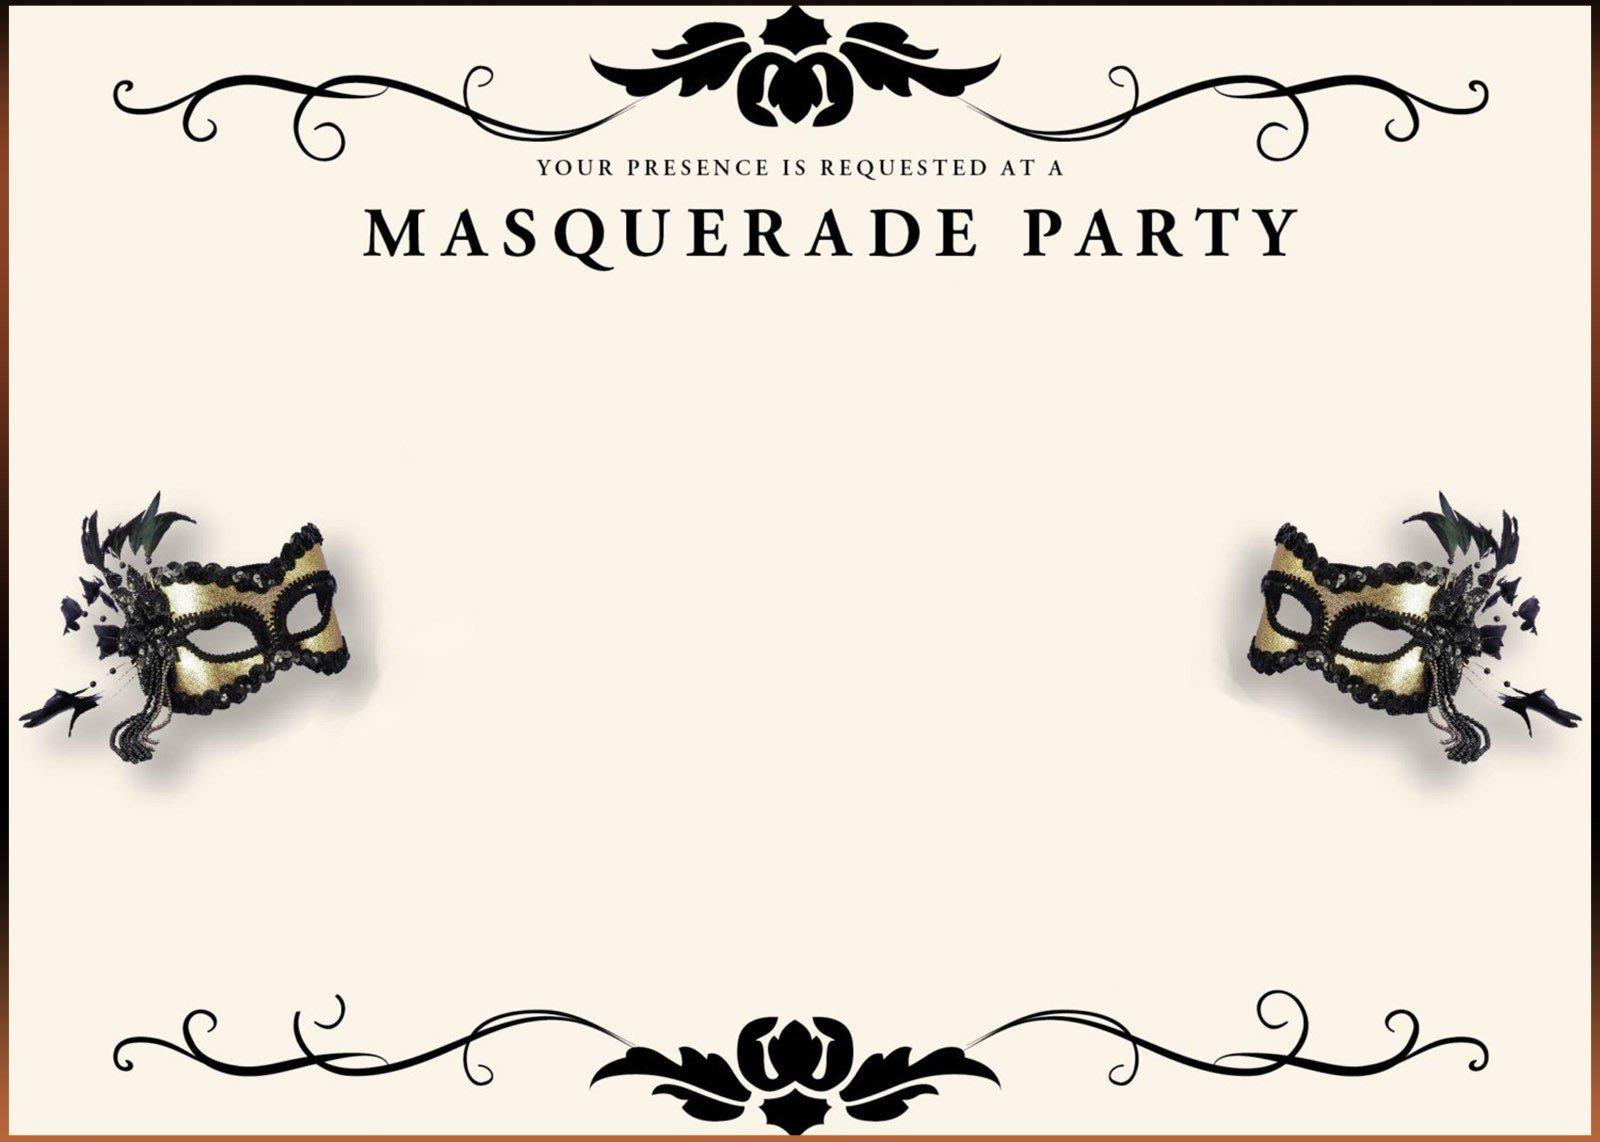 Masquerade Invitations Template Free Free Printable Masquerade Invitation Templates